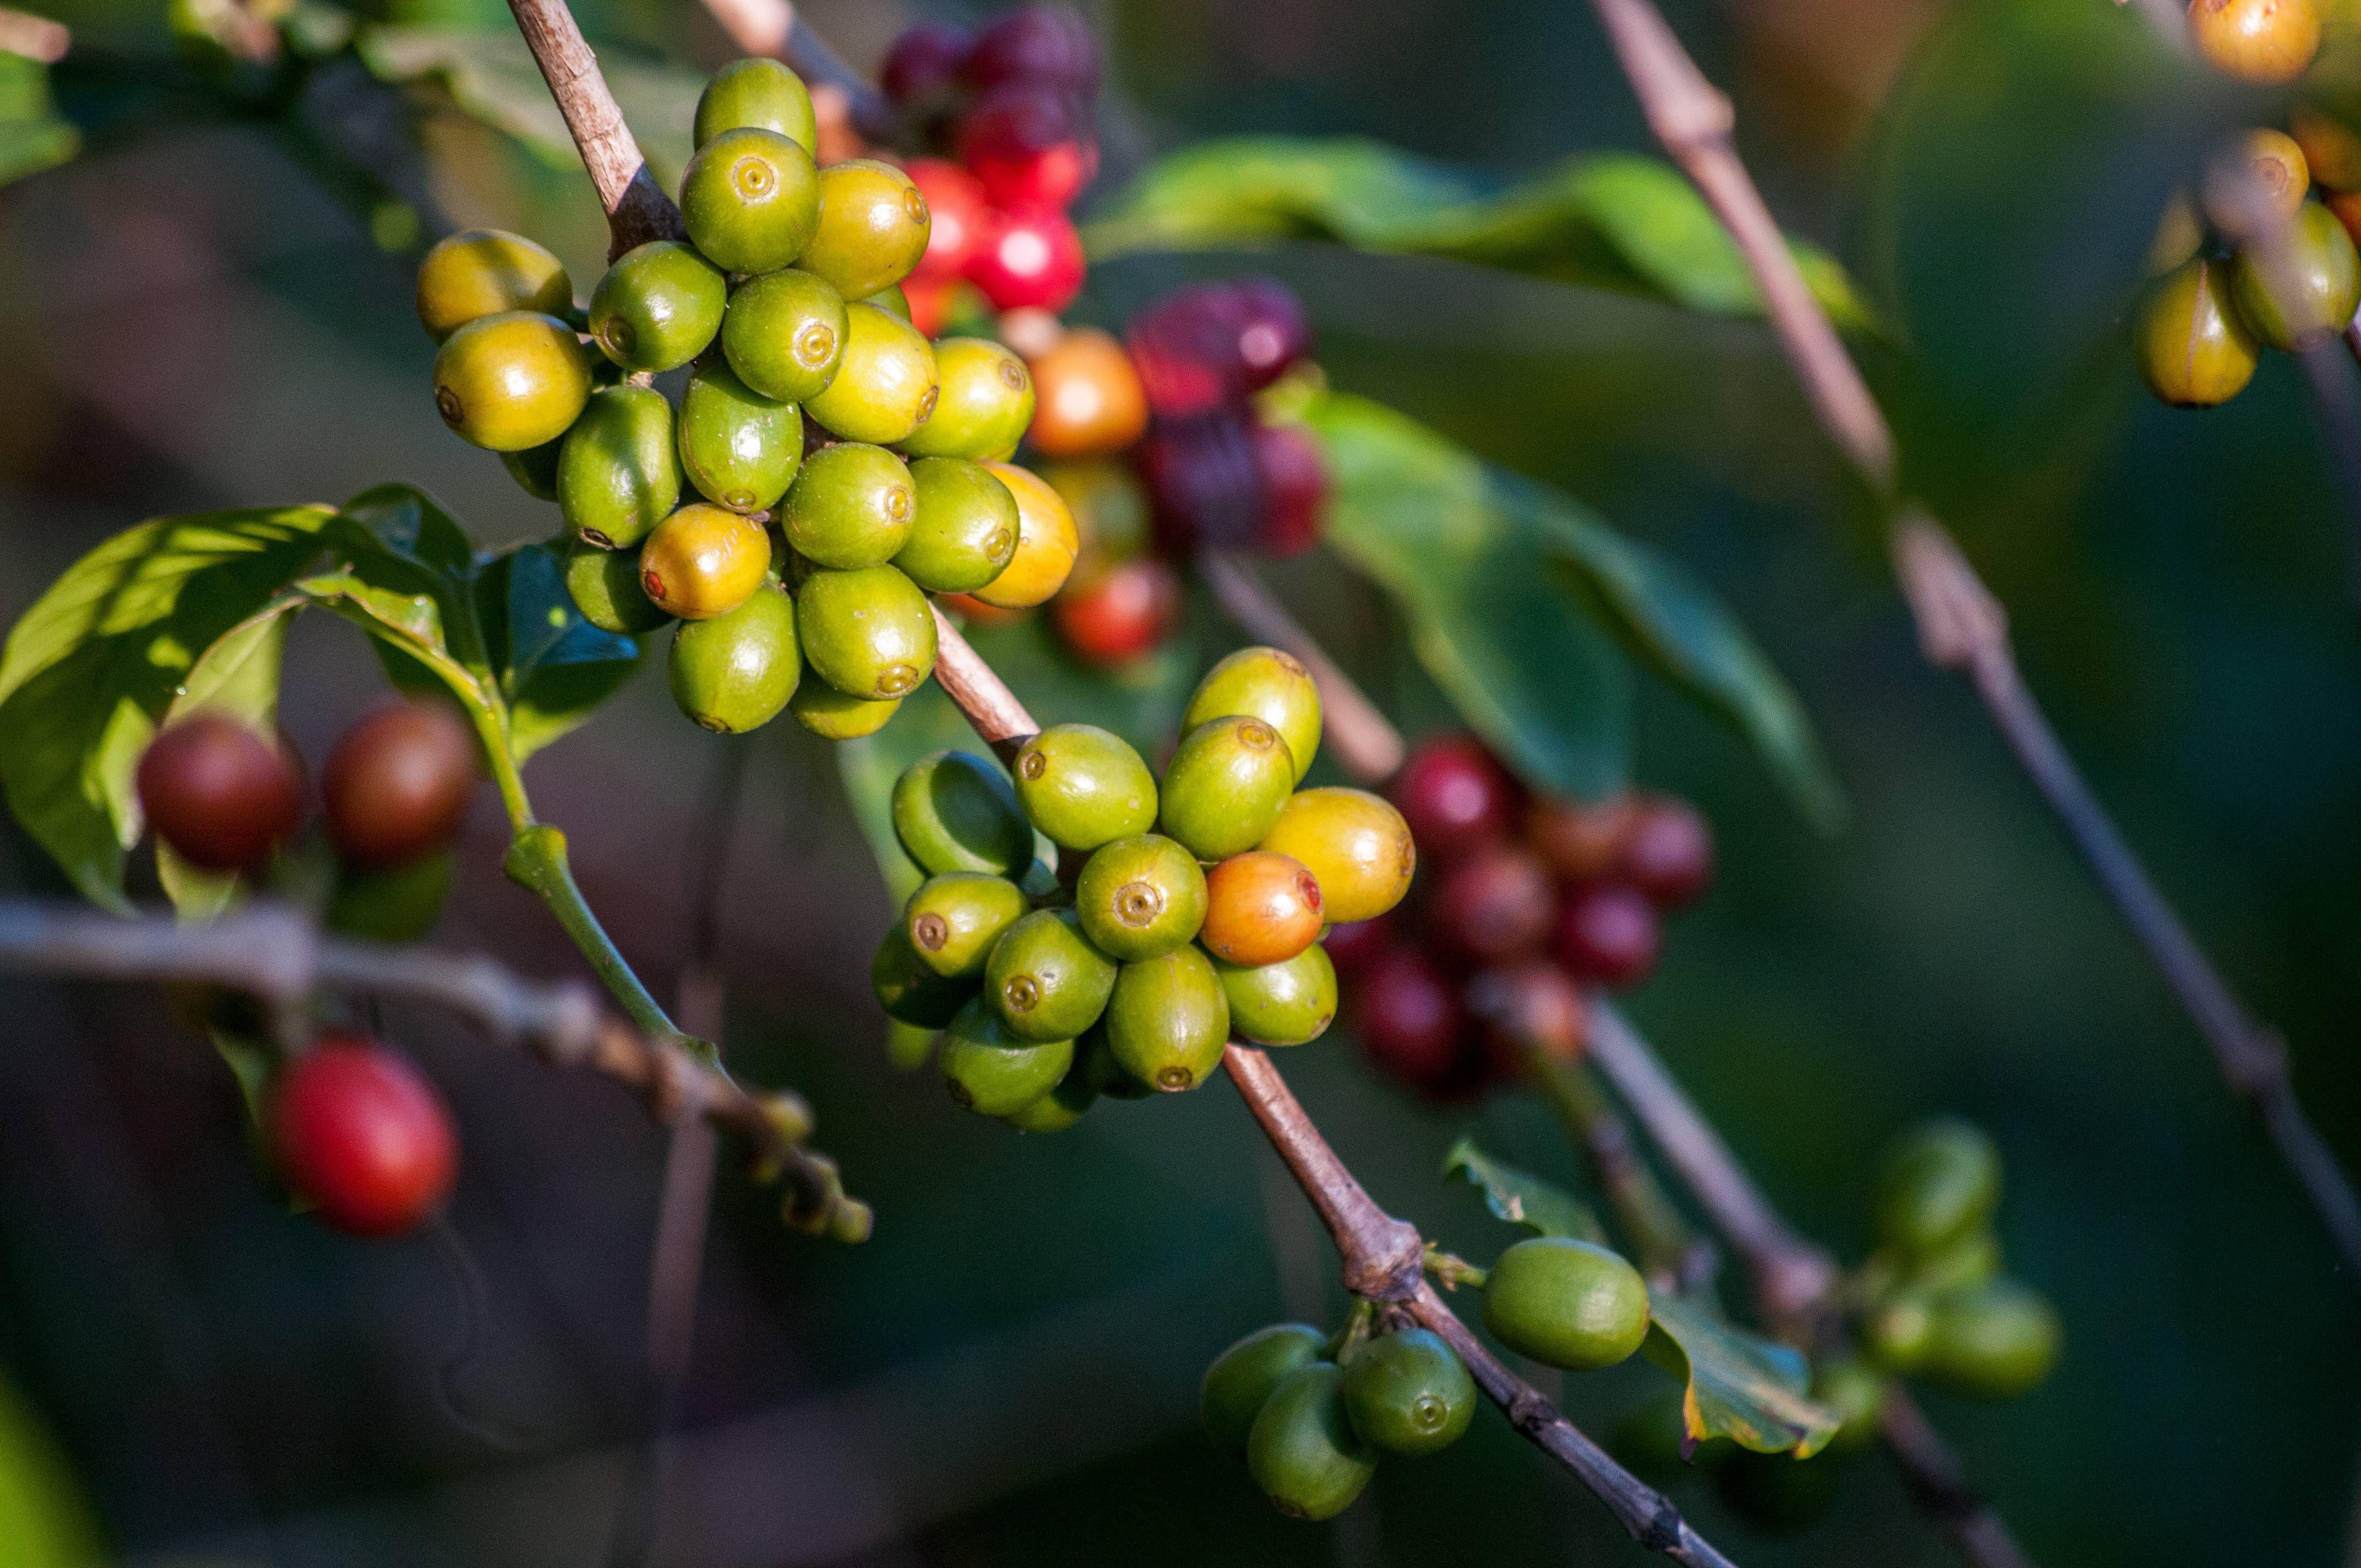 Kaffeebohnen in grüner und roter Farbe an einem Strauch.